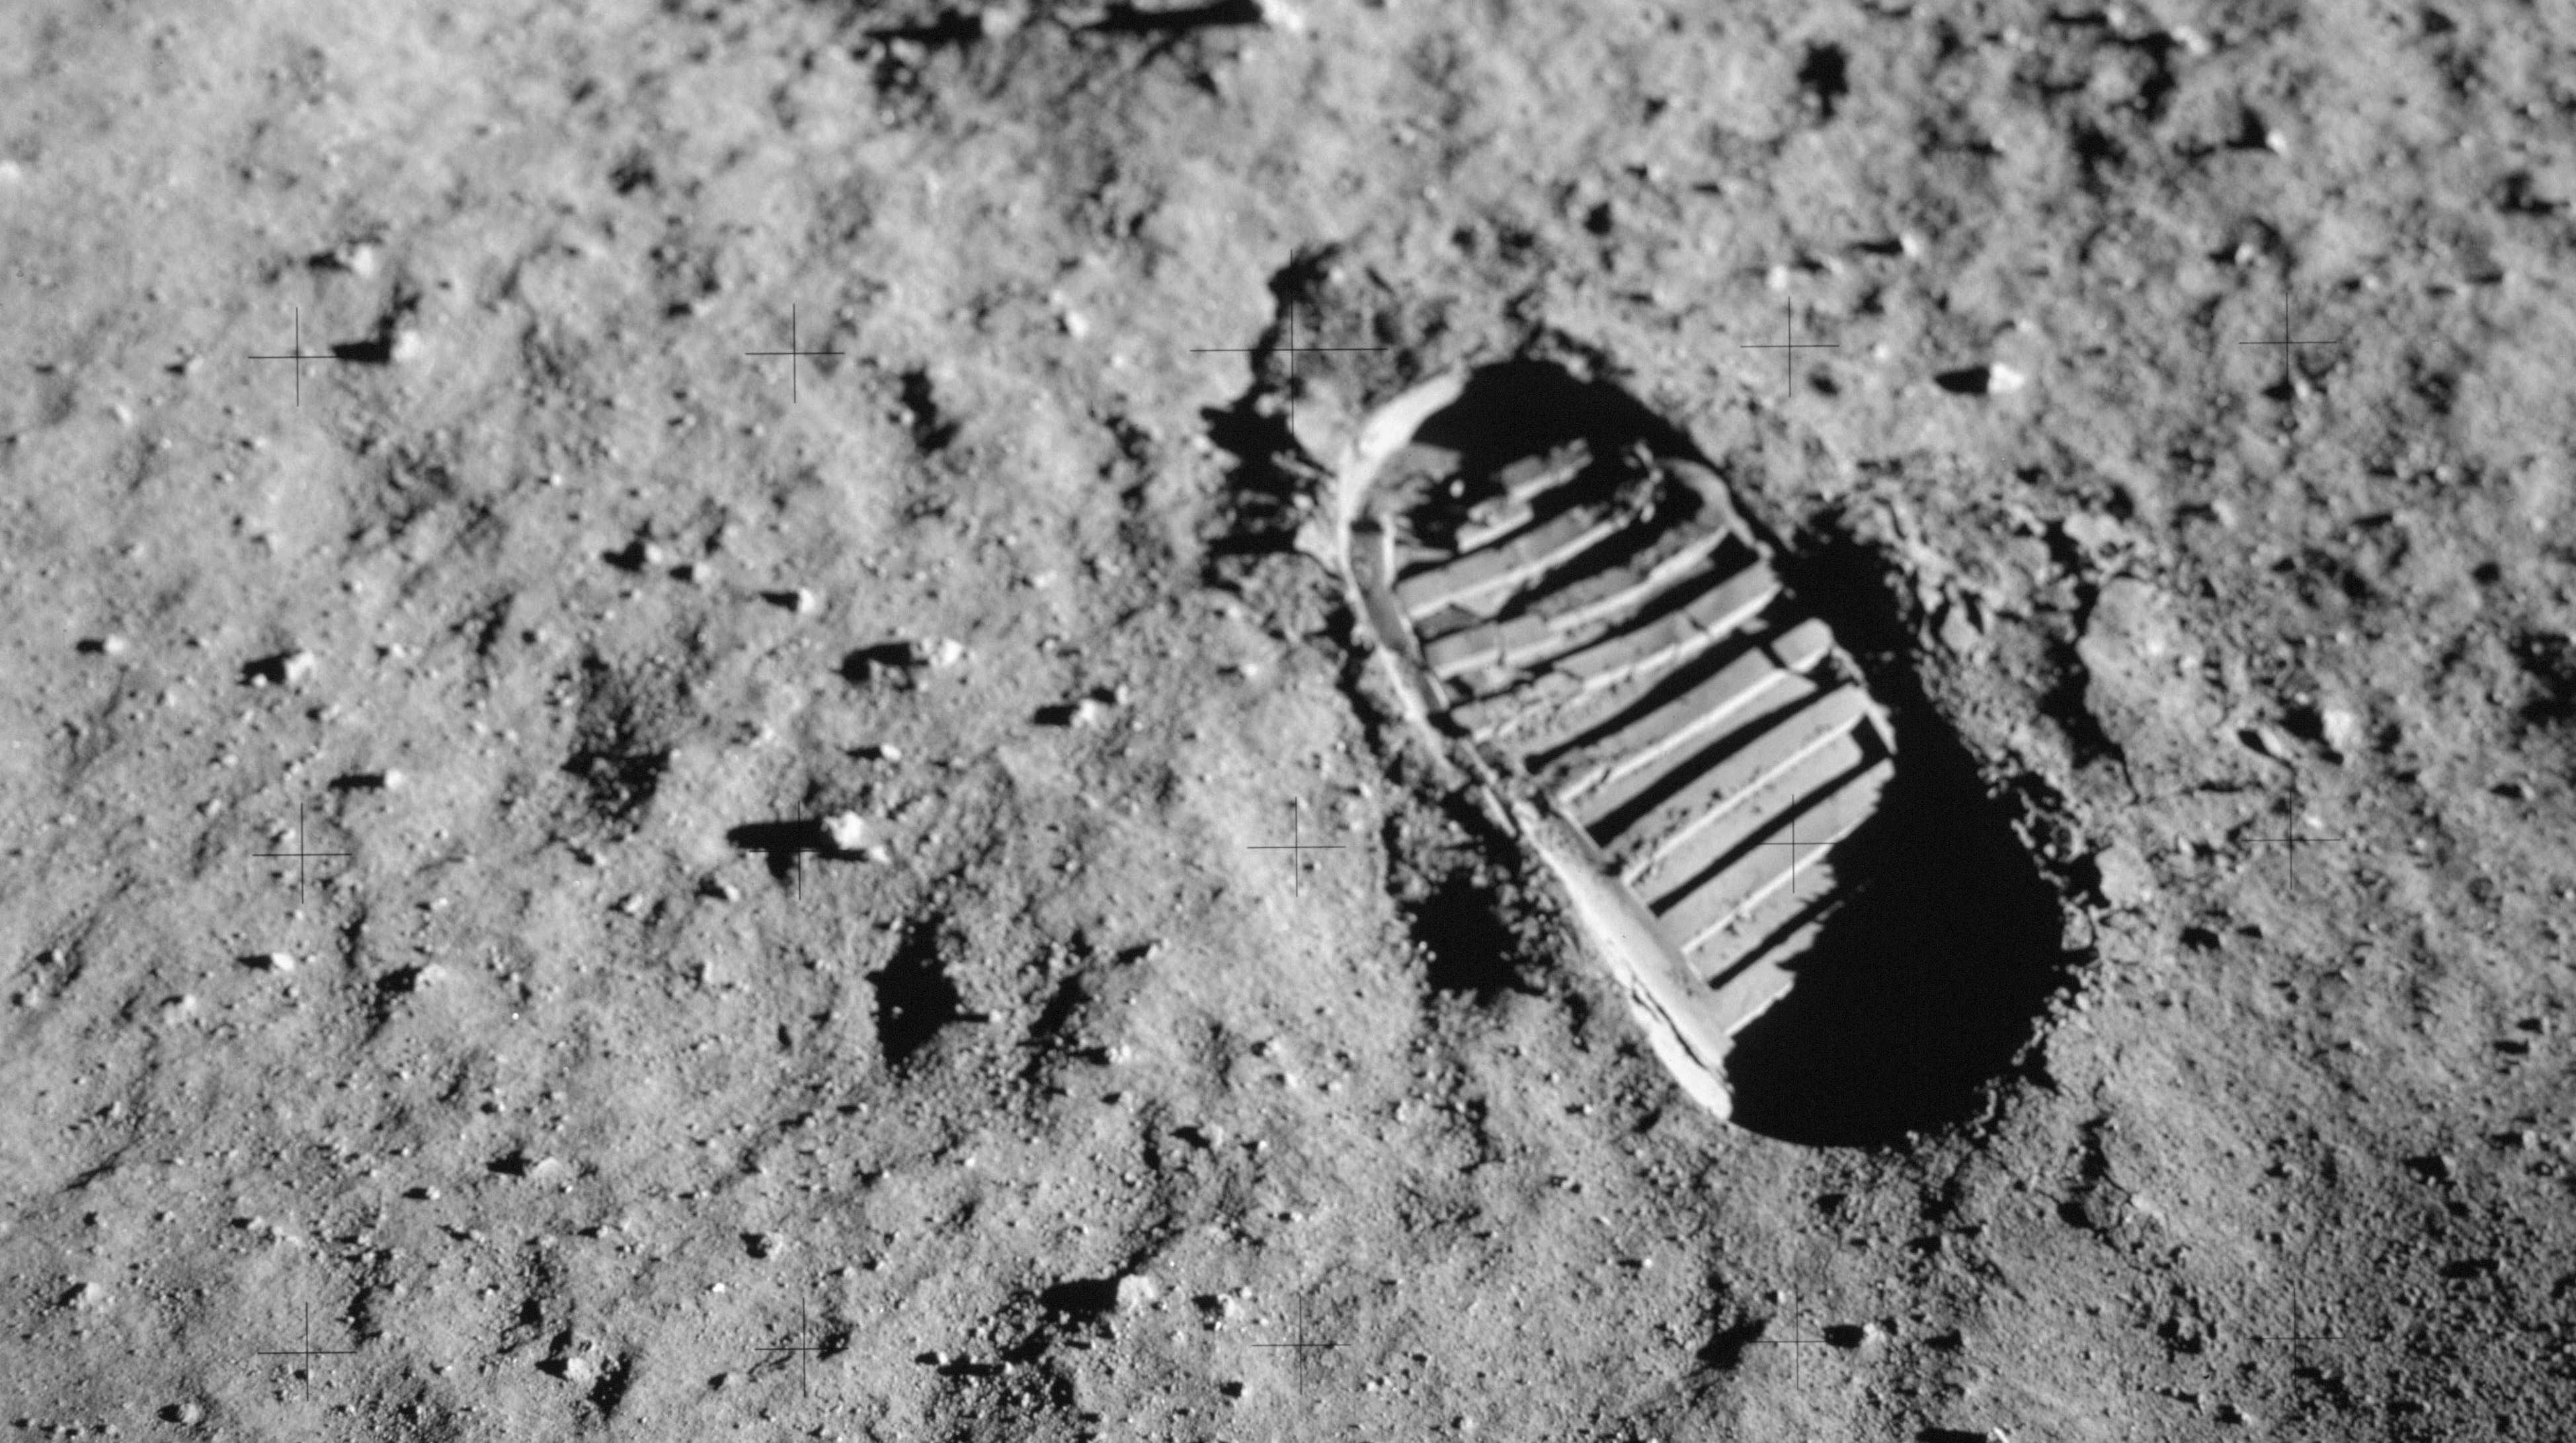 Fußabdruck auf dem Mond, Mission Apollo 11